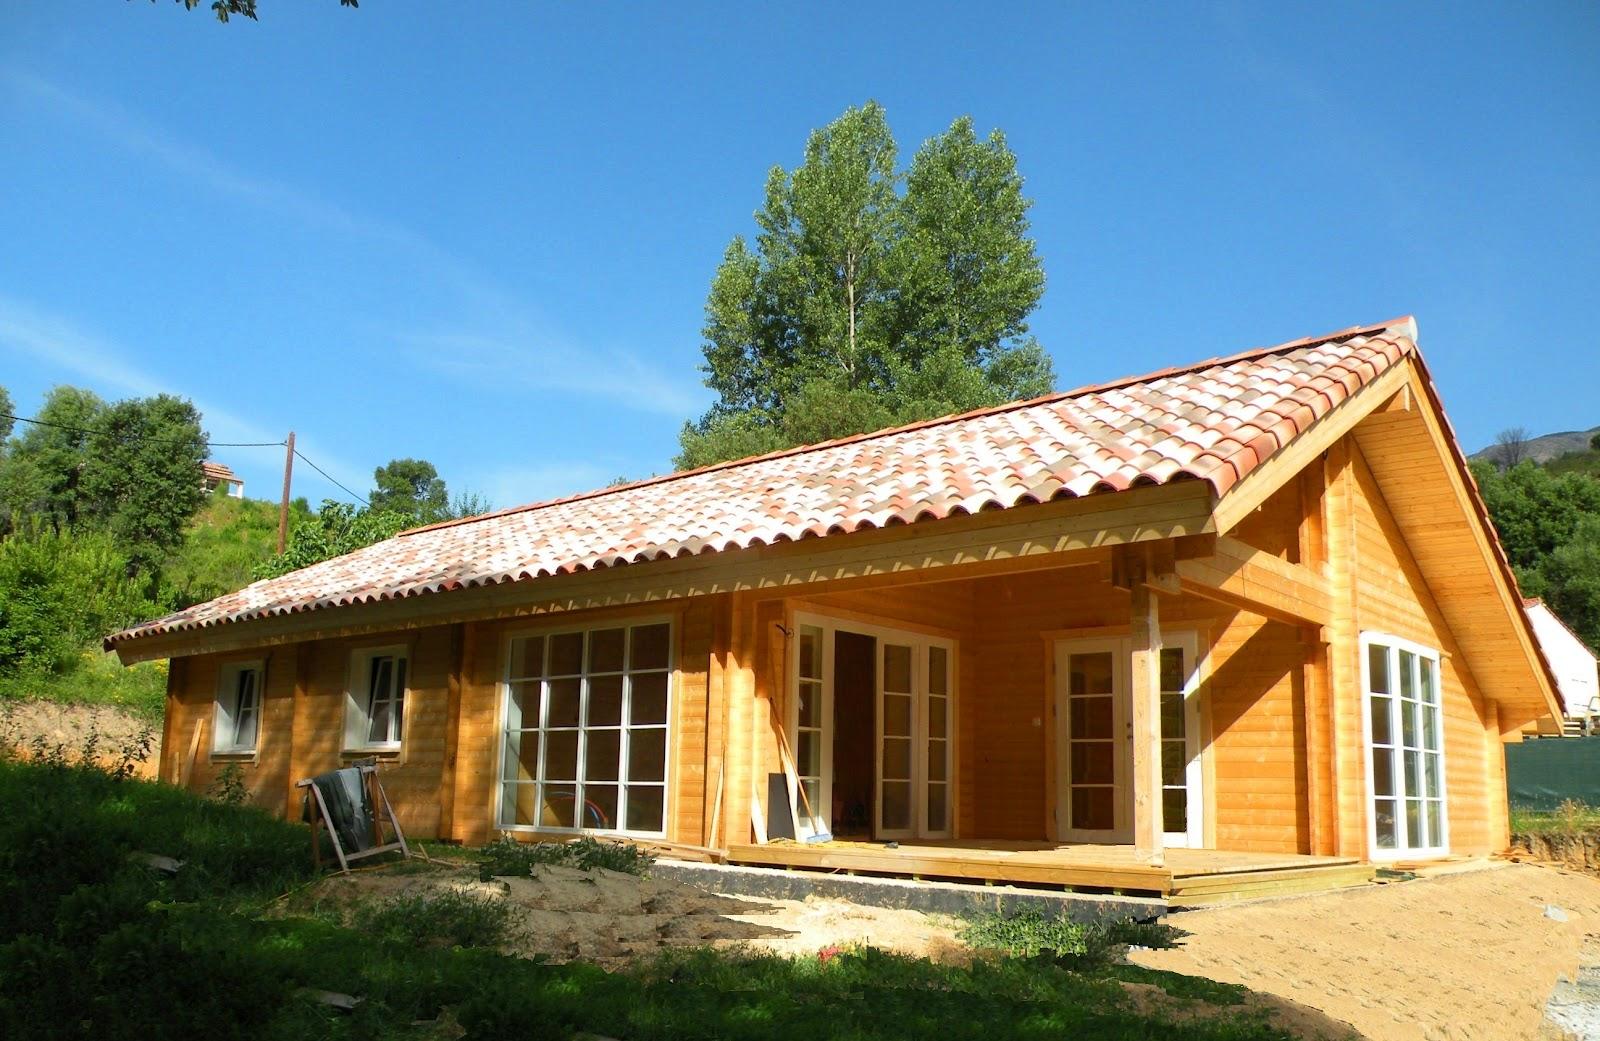 Blockhaus wohnblockhaus bauen direkt ab werk for Kuchen direkt ab werk